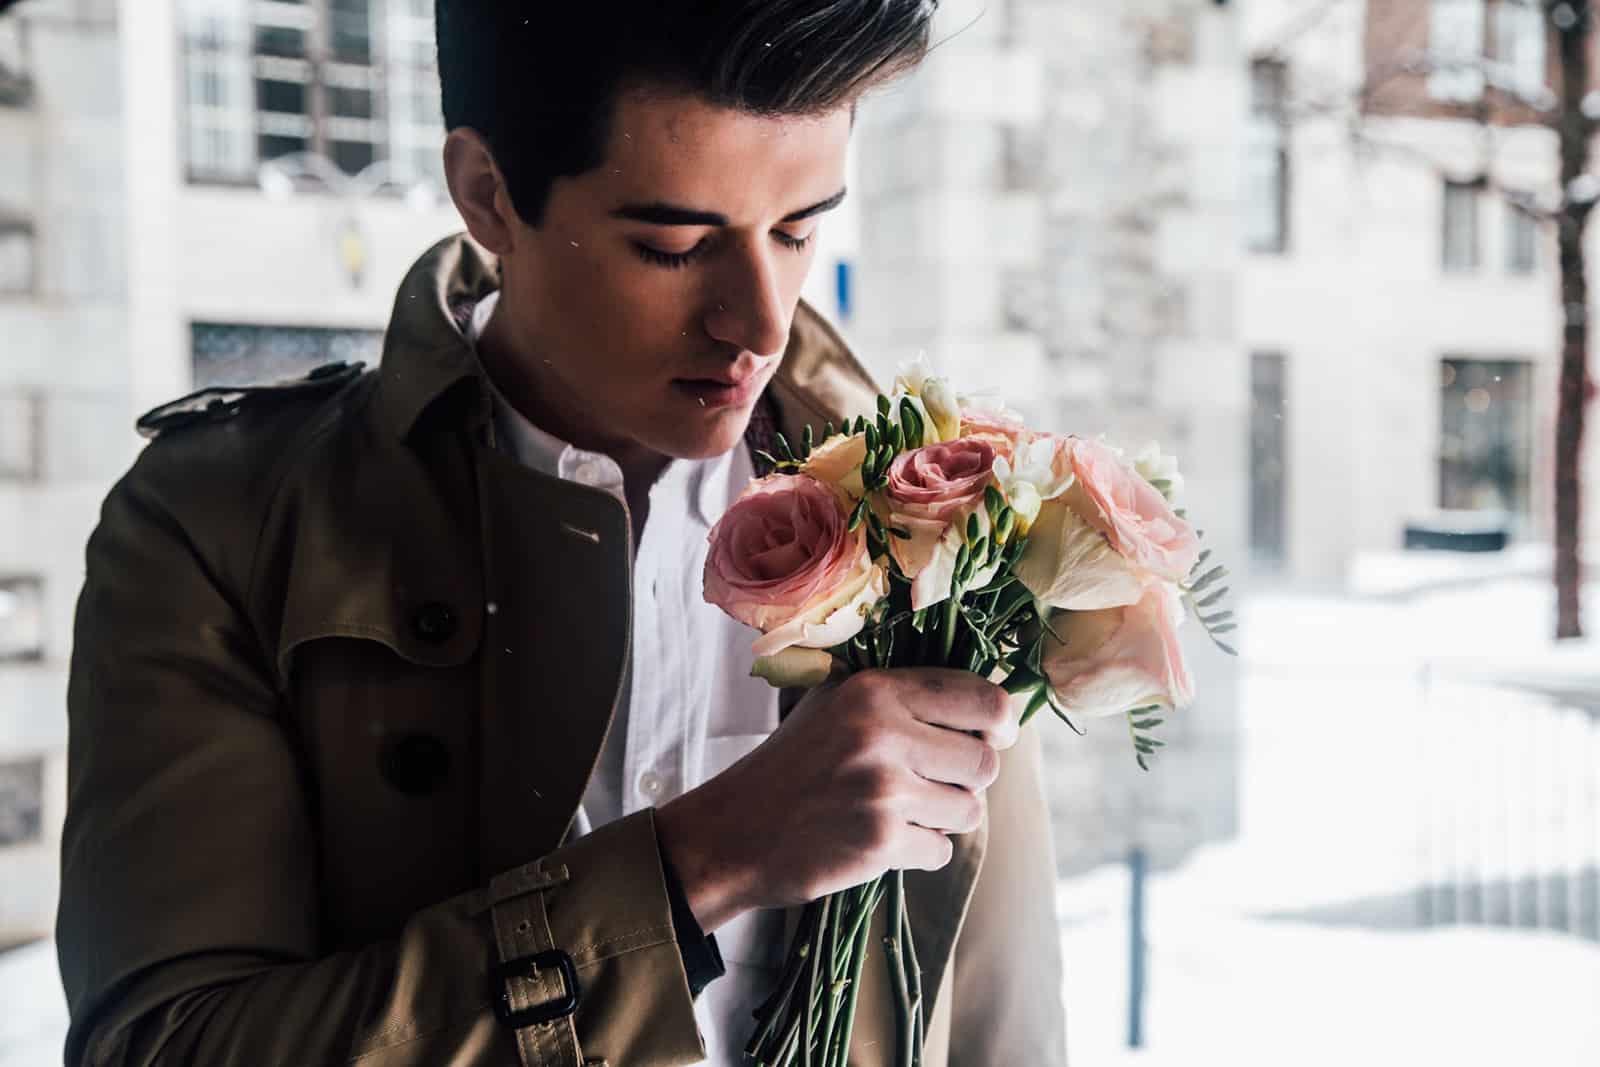 ein hübscher junger Mann, der einen Strauß rosa Rosen hält und daran riecht